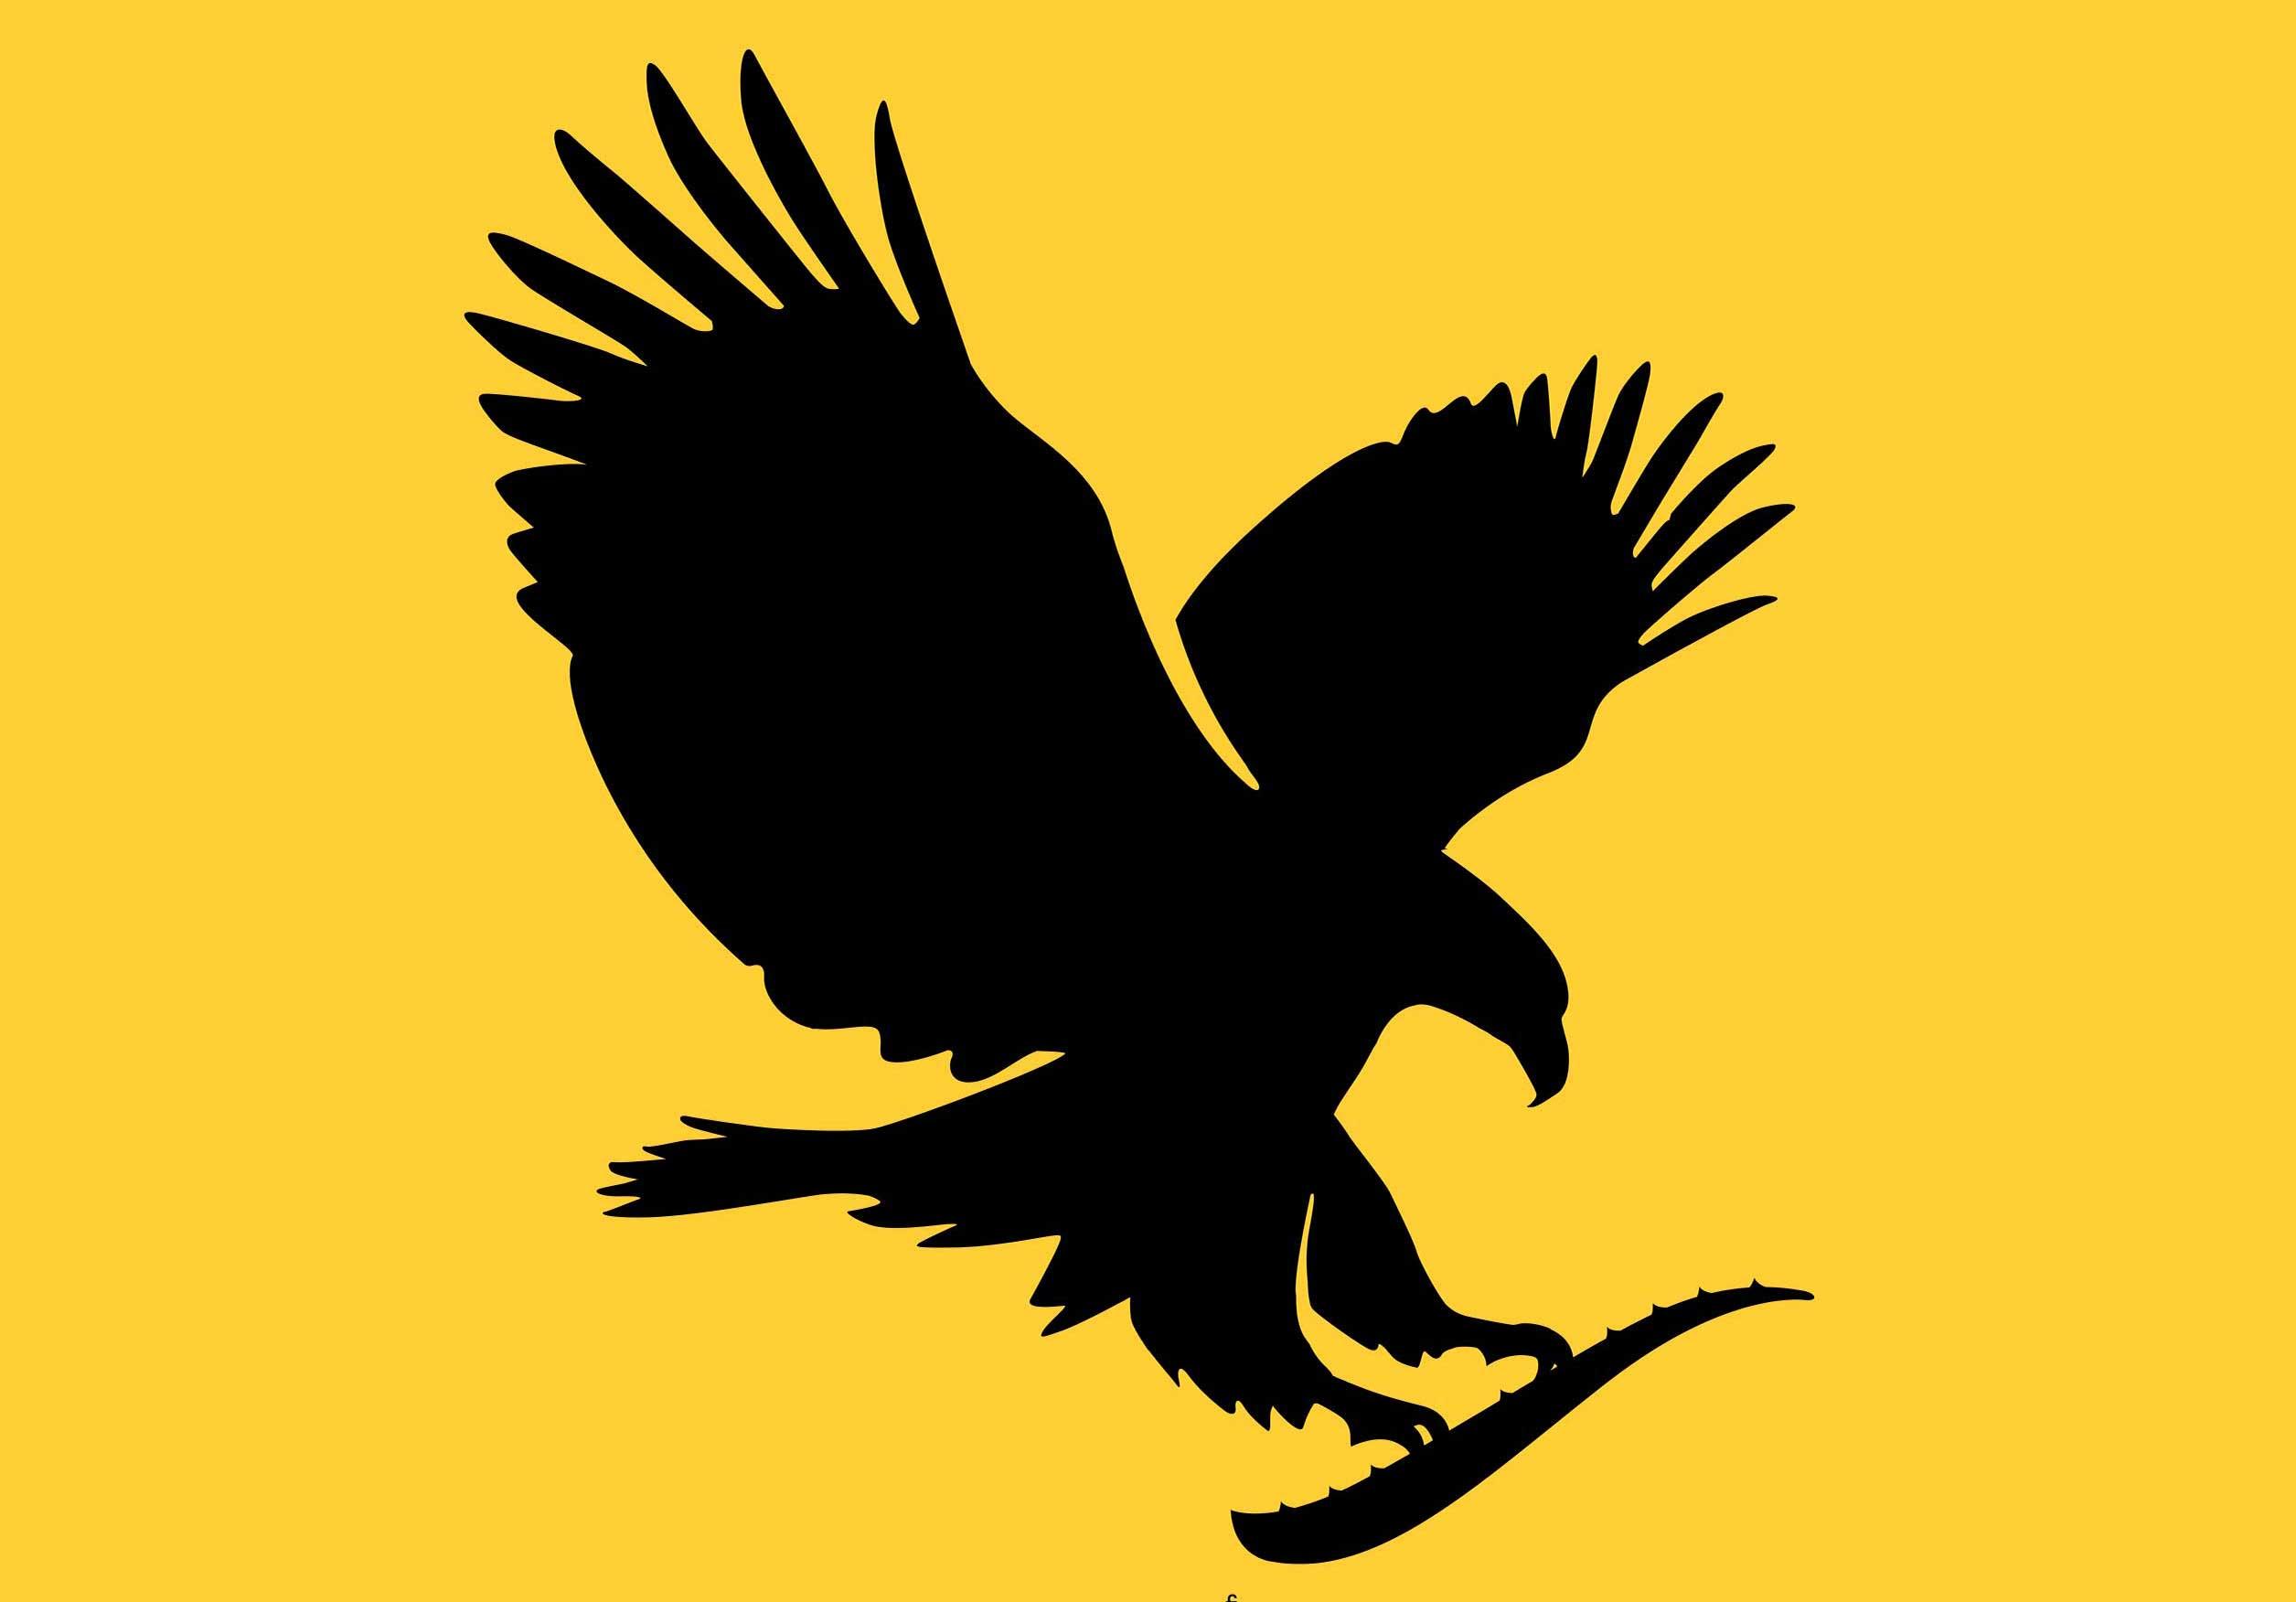 شعار شركة فوريفر الامريكية